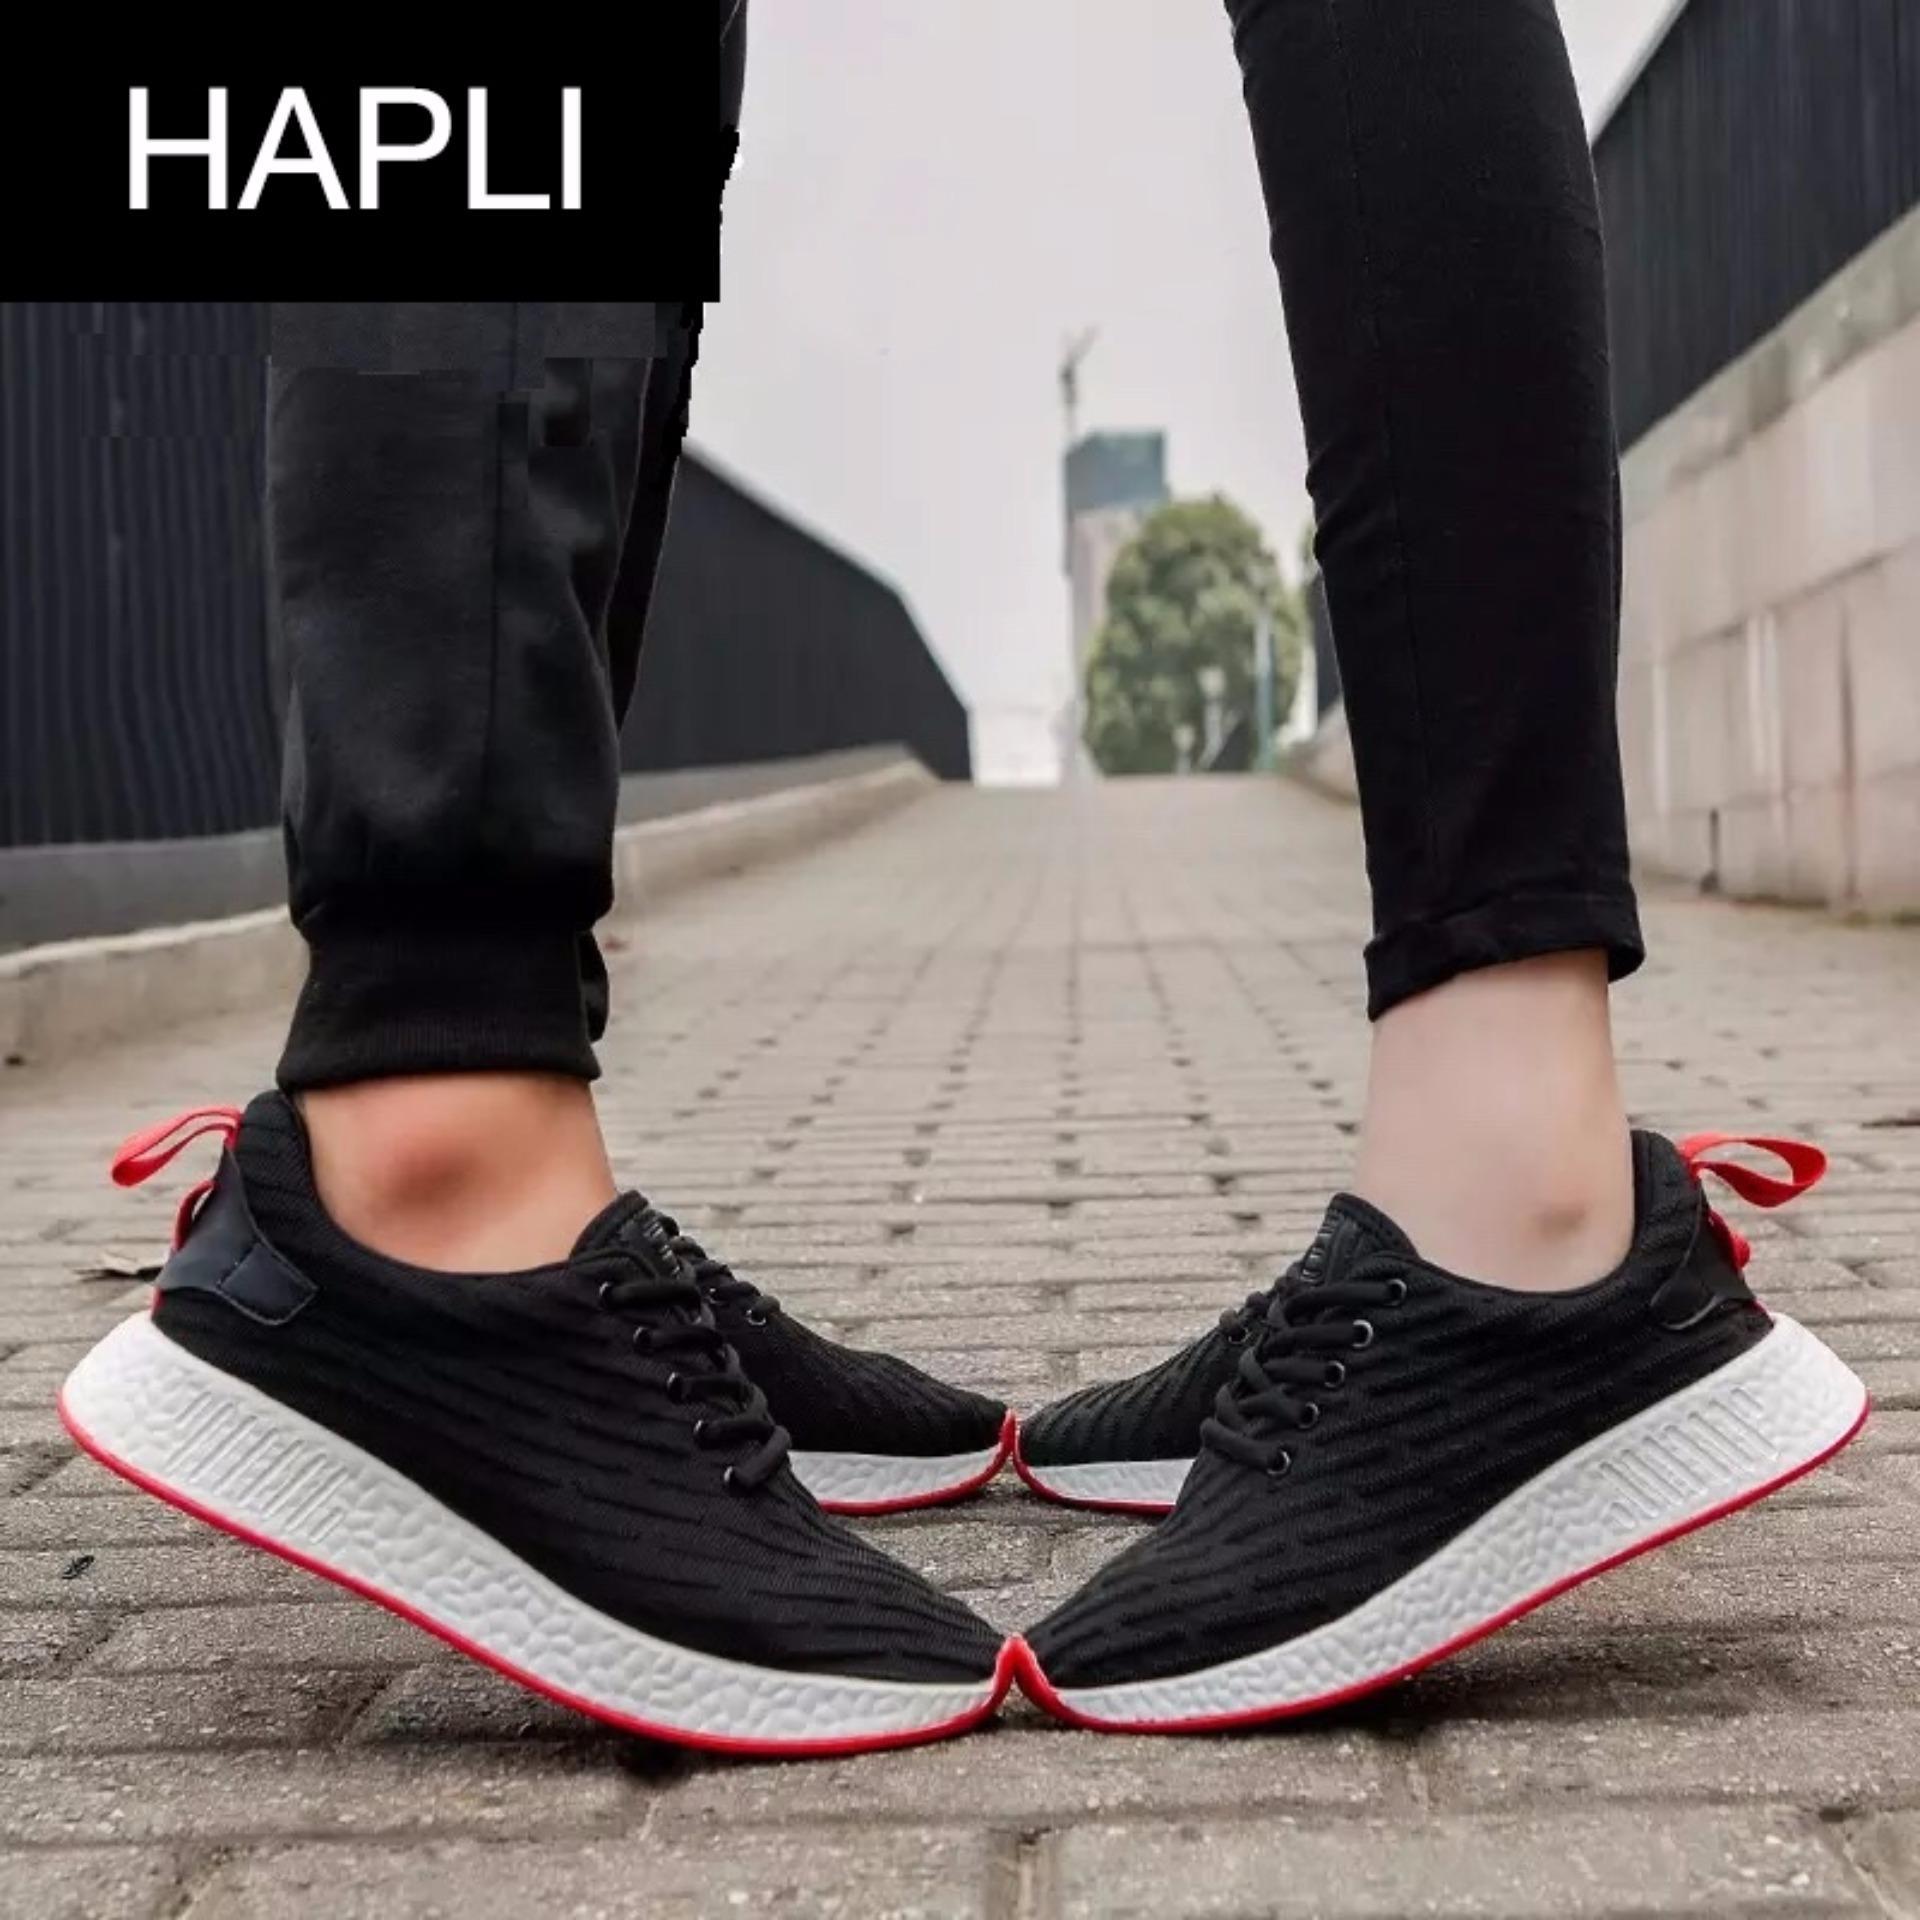 Cập Nhật Giá Giày thời trang nam nữ NewNMD1 – HAPLI (đen vạch đỏ)